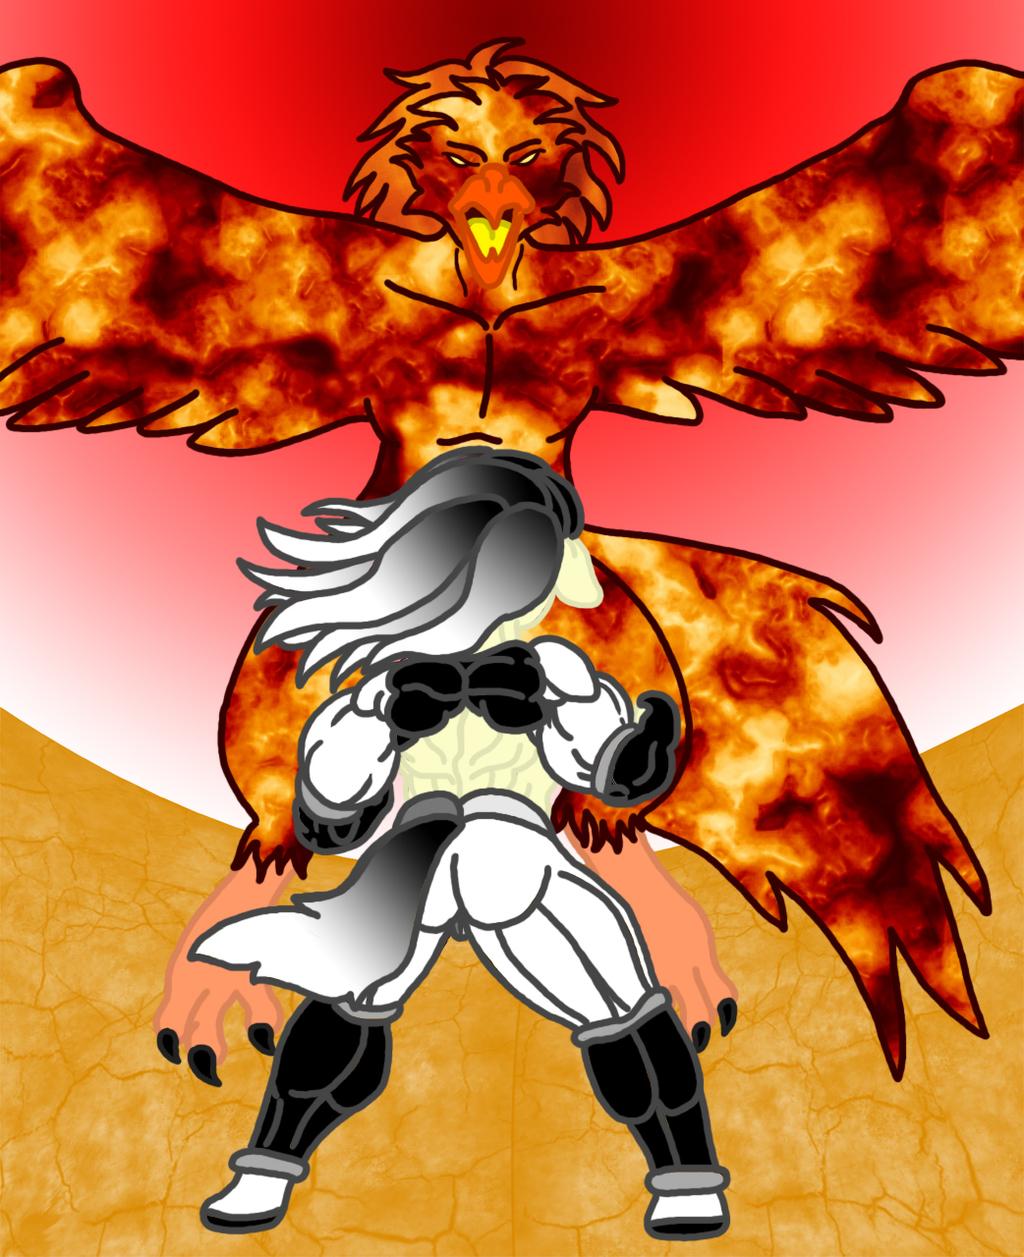 Rinji vs Schmucky Cover Art - Part 2